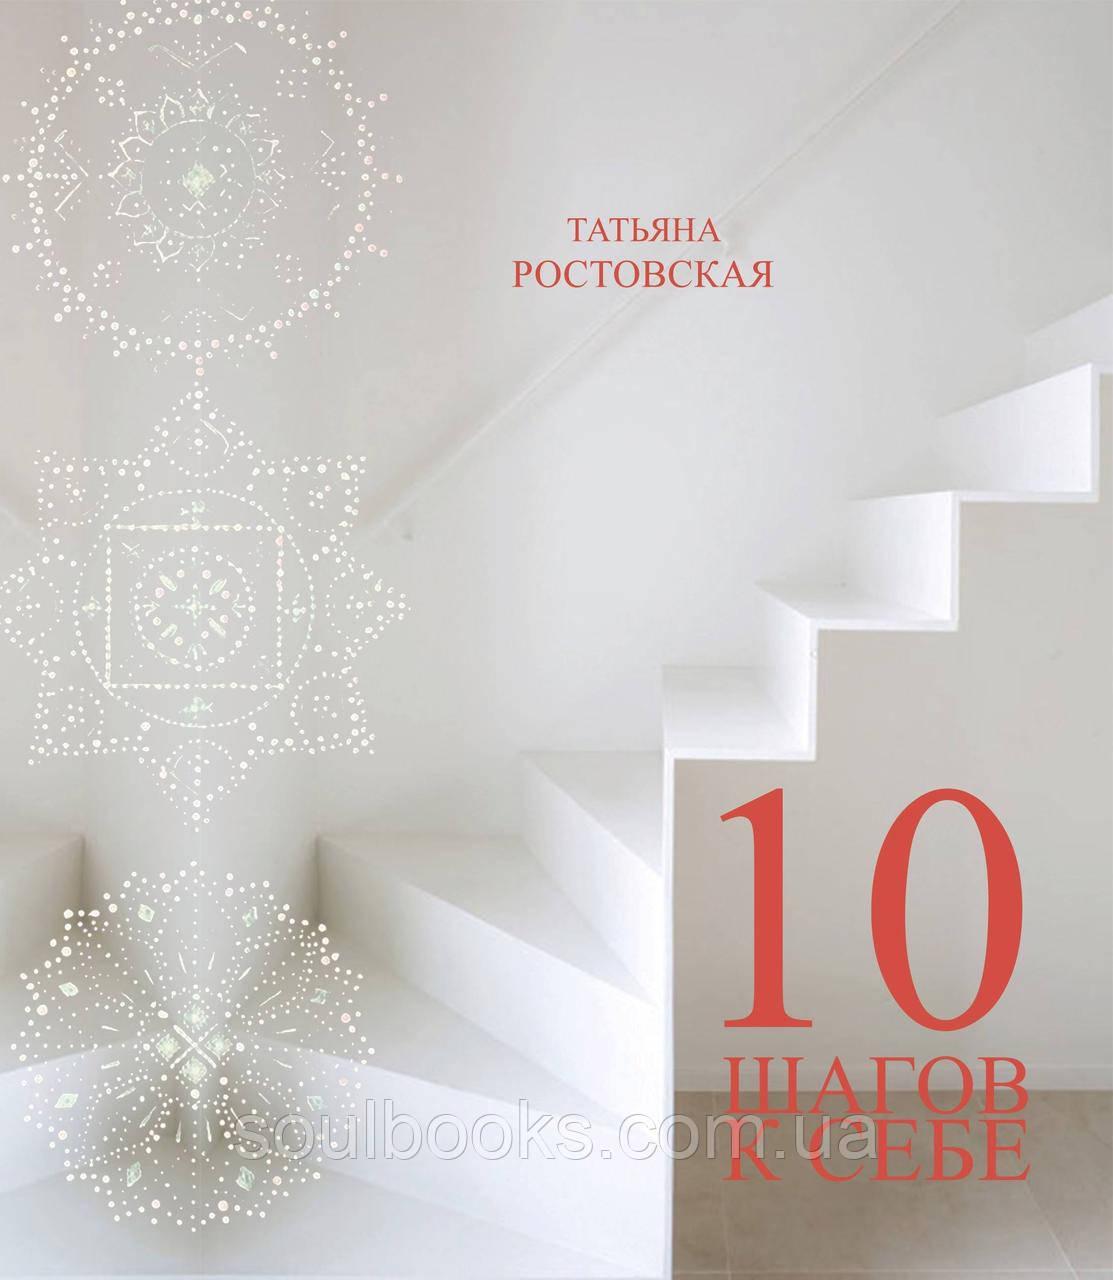 10 шагов к себе, или Как выйти из полной ж... Ростовская Татьяна